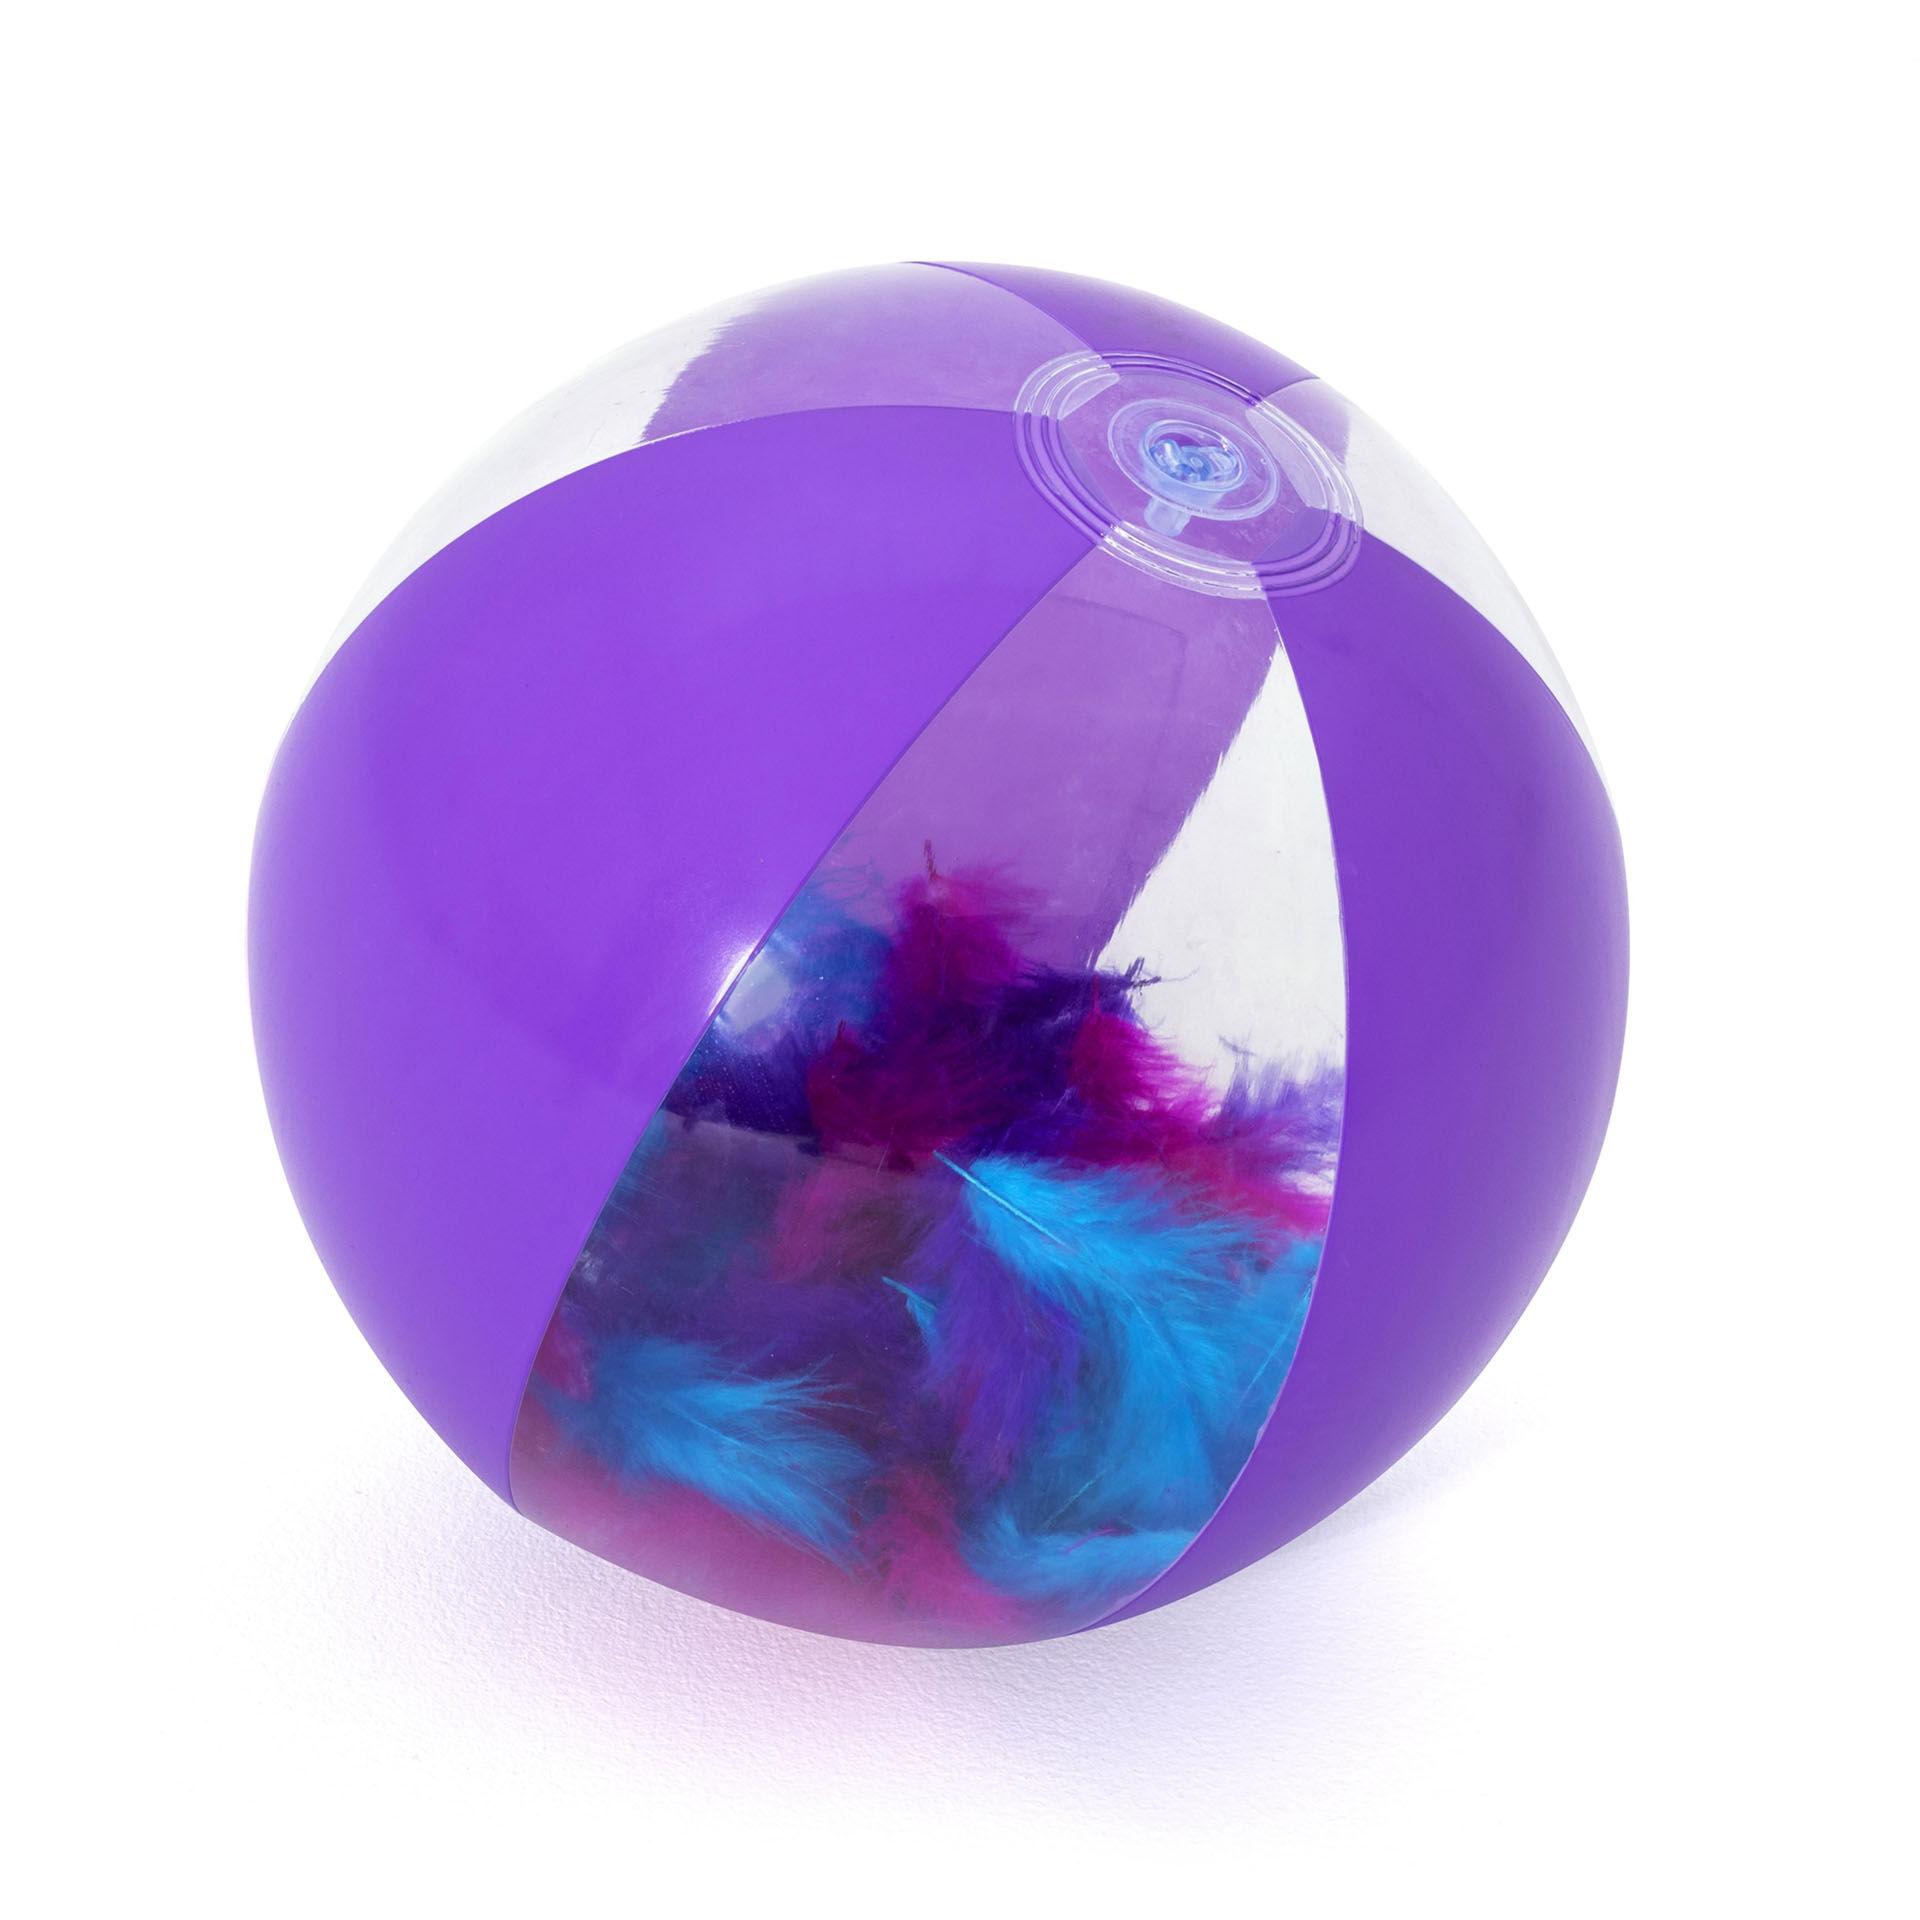 Ballon de plage - Plumes, , large